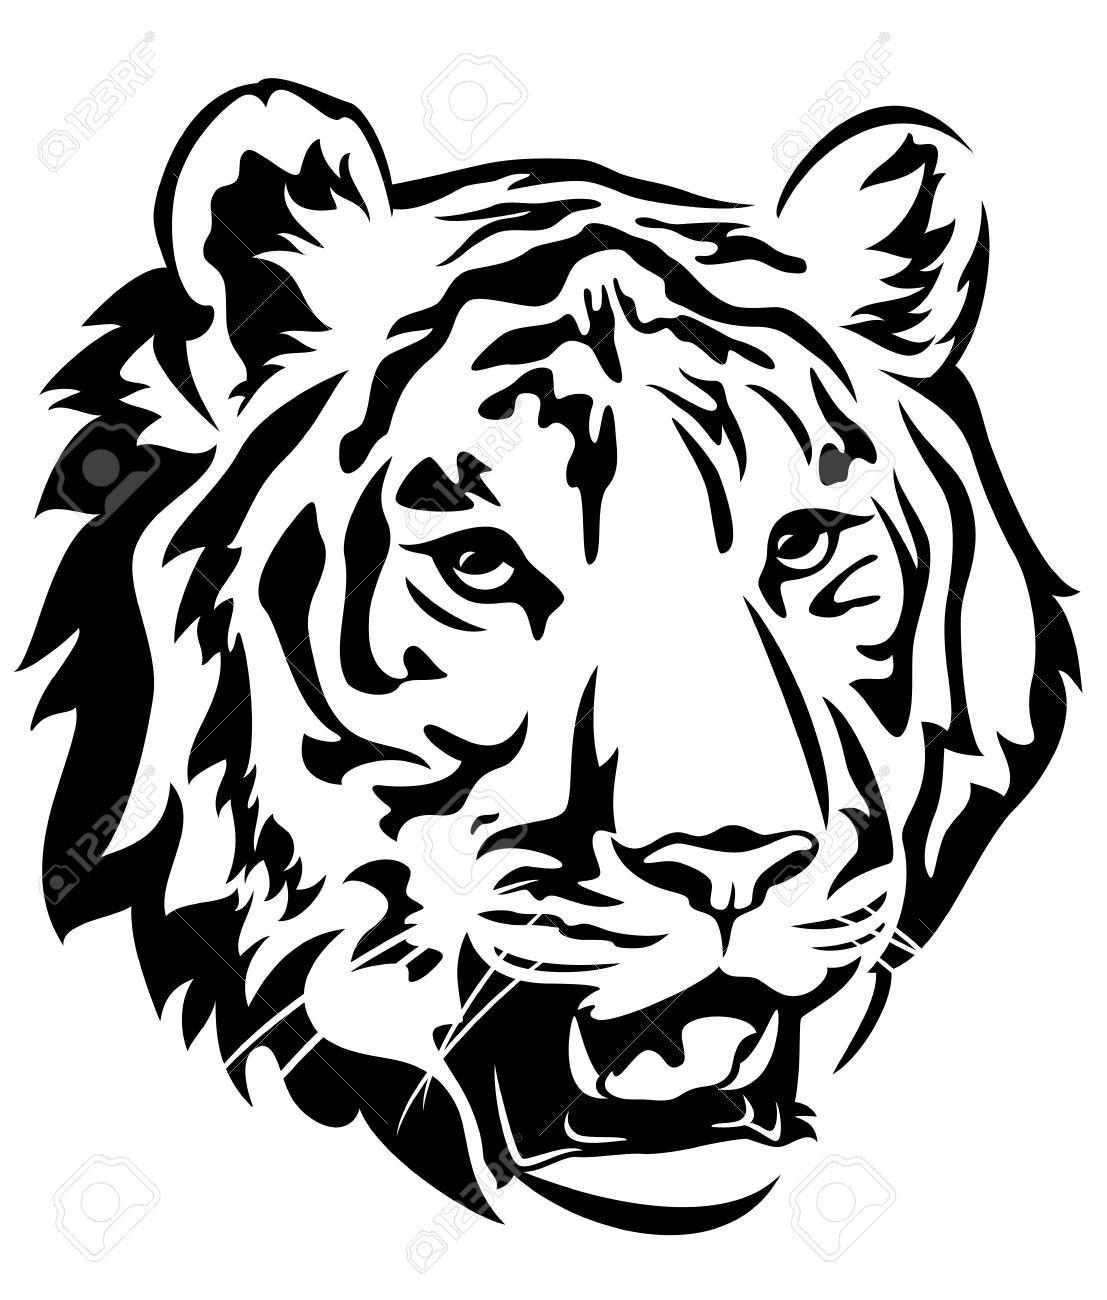 tiger head emblem design big cat black and white vector outline